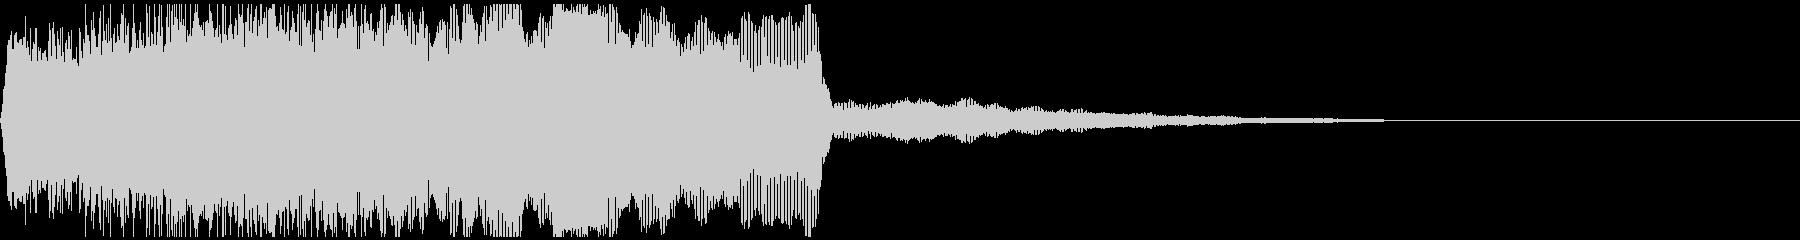 レゲエやDJで使用ホーン(ラッパ)連続音の未再生の波形